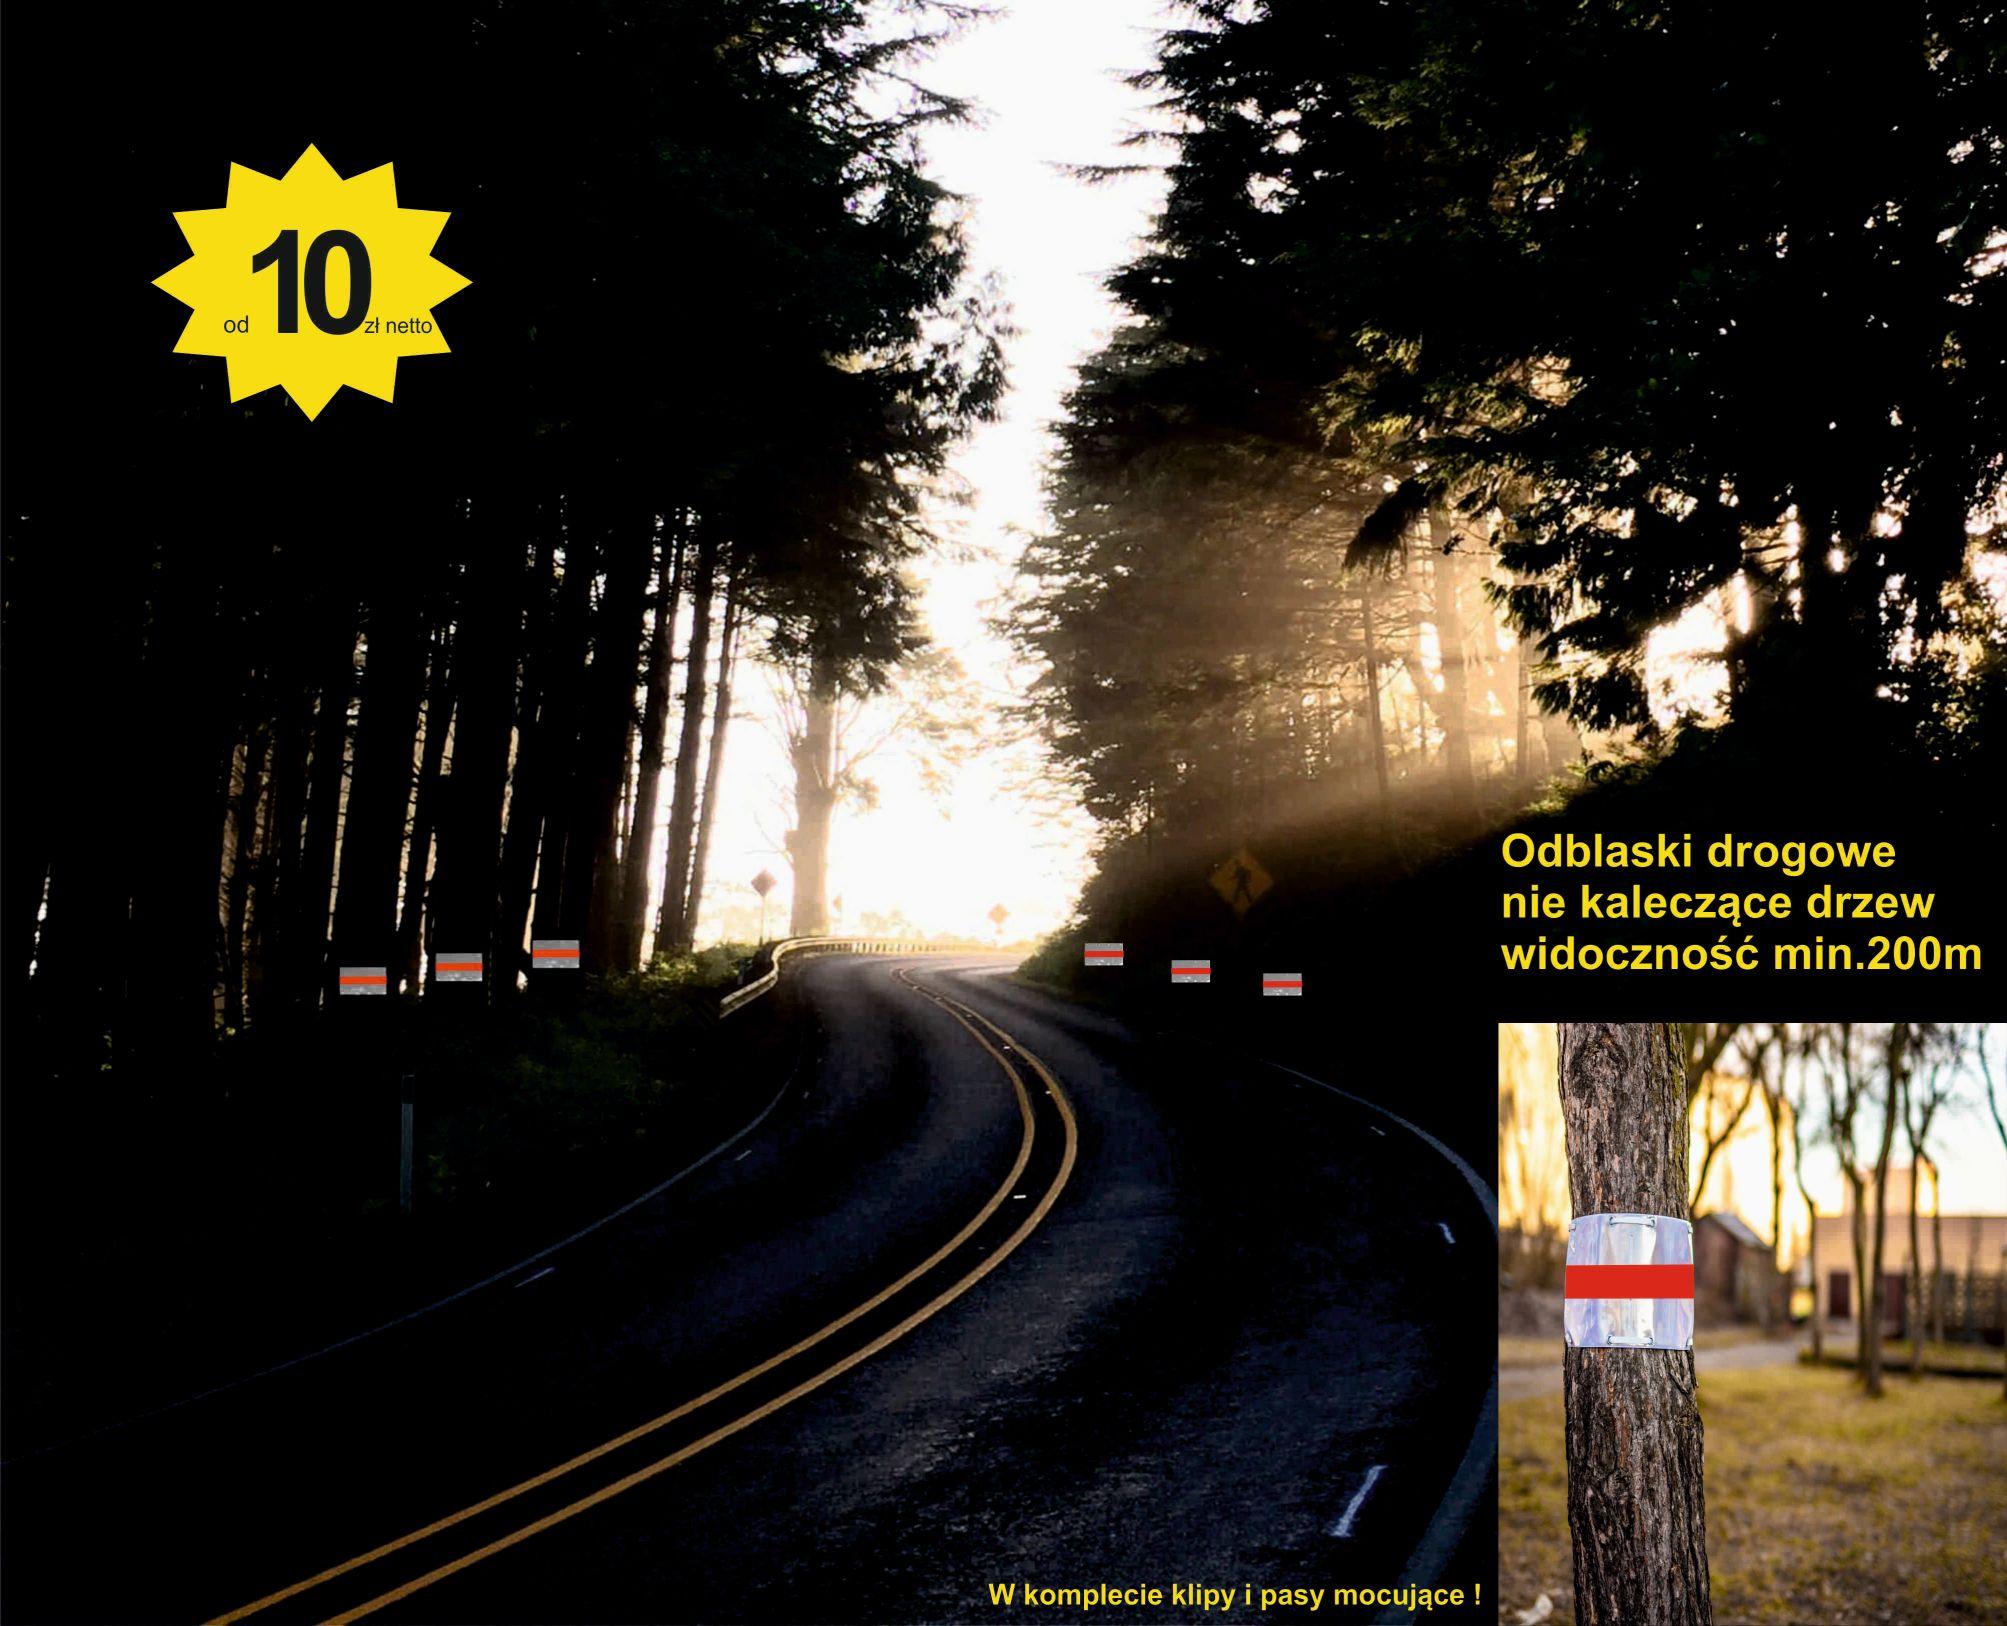 odblask drogowy nie kaleczący drzewa